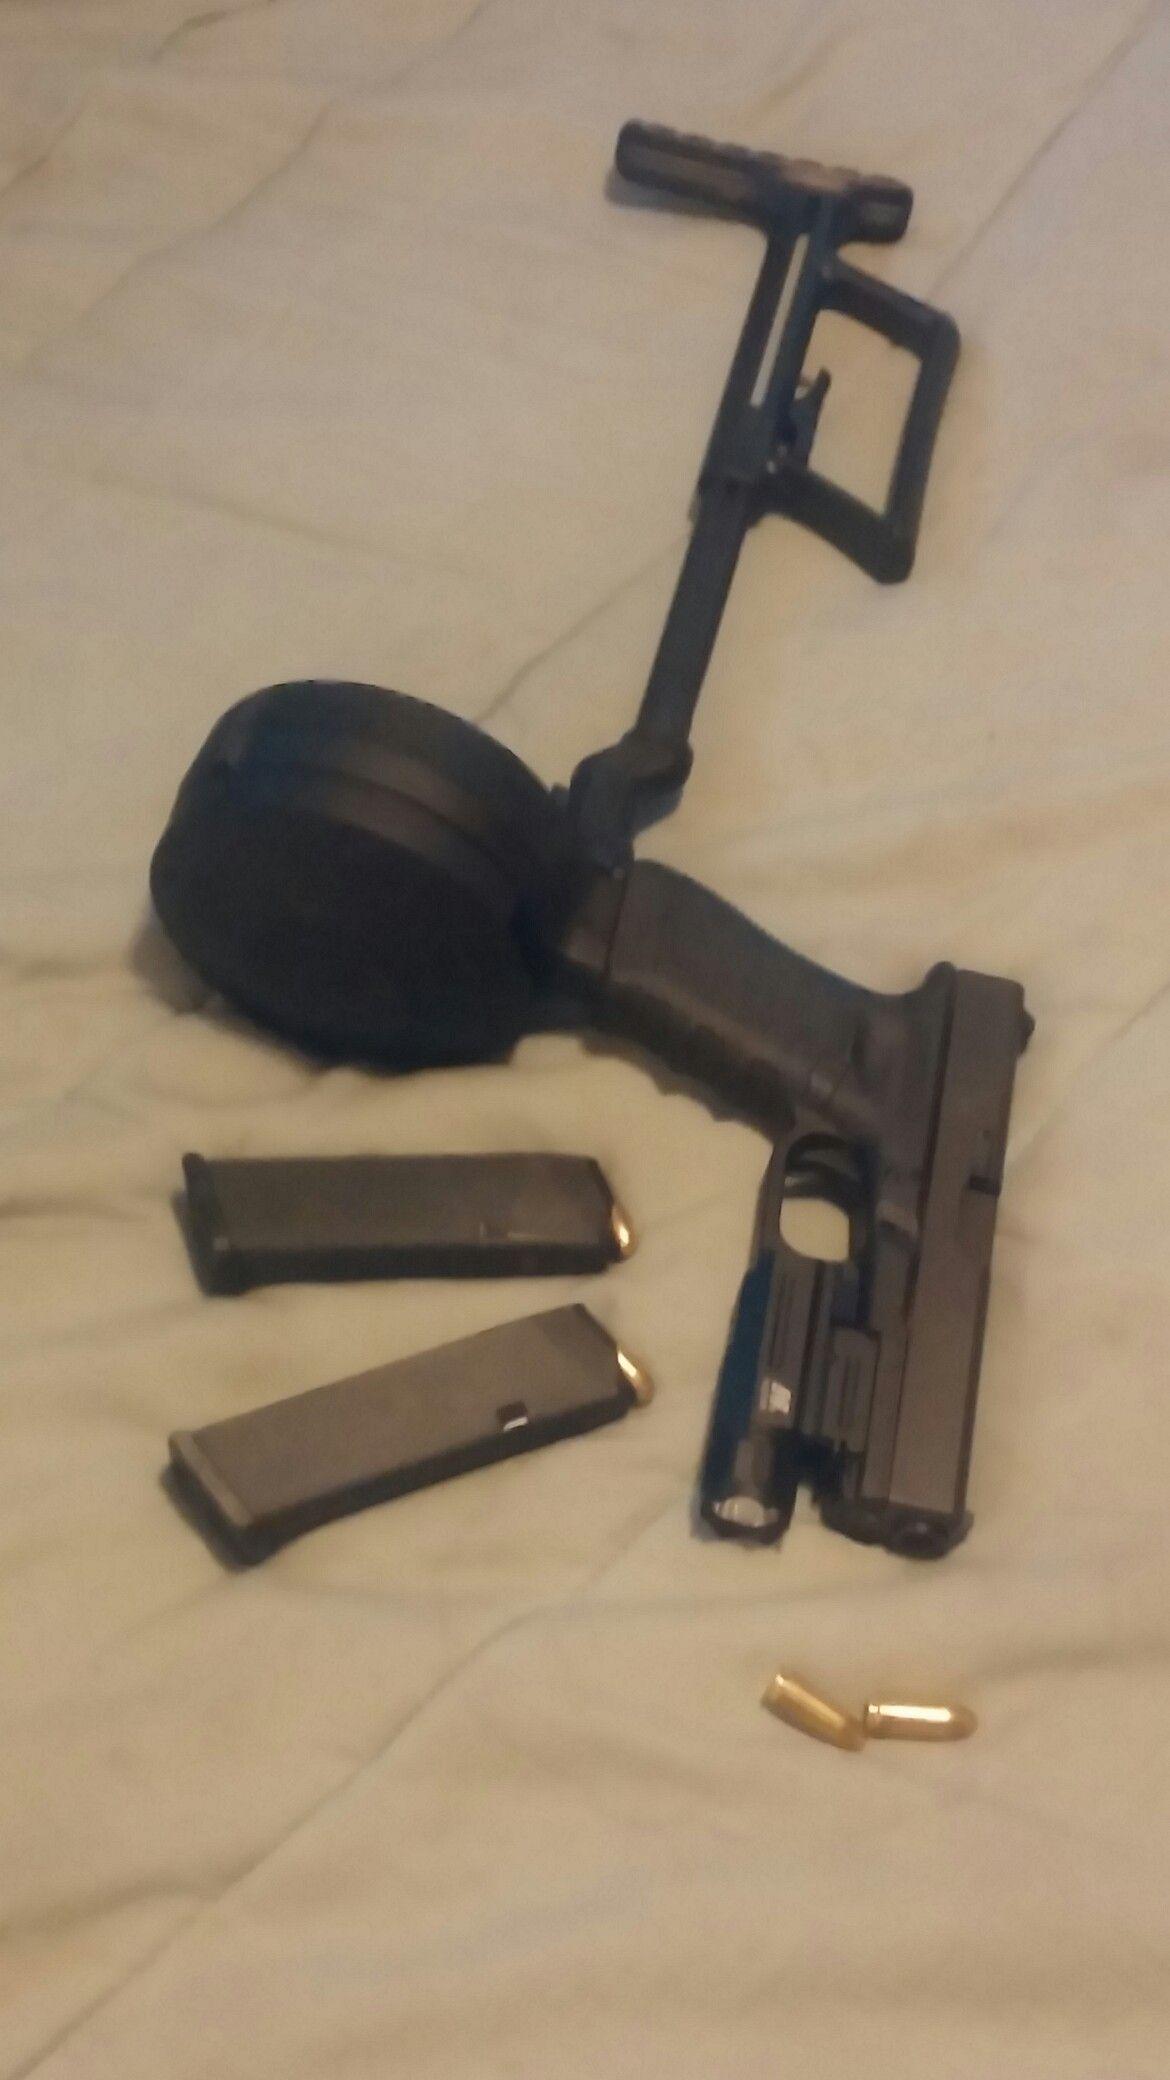 Glock 17 Gen 3 50 round drum detachable shoulder stock